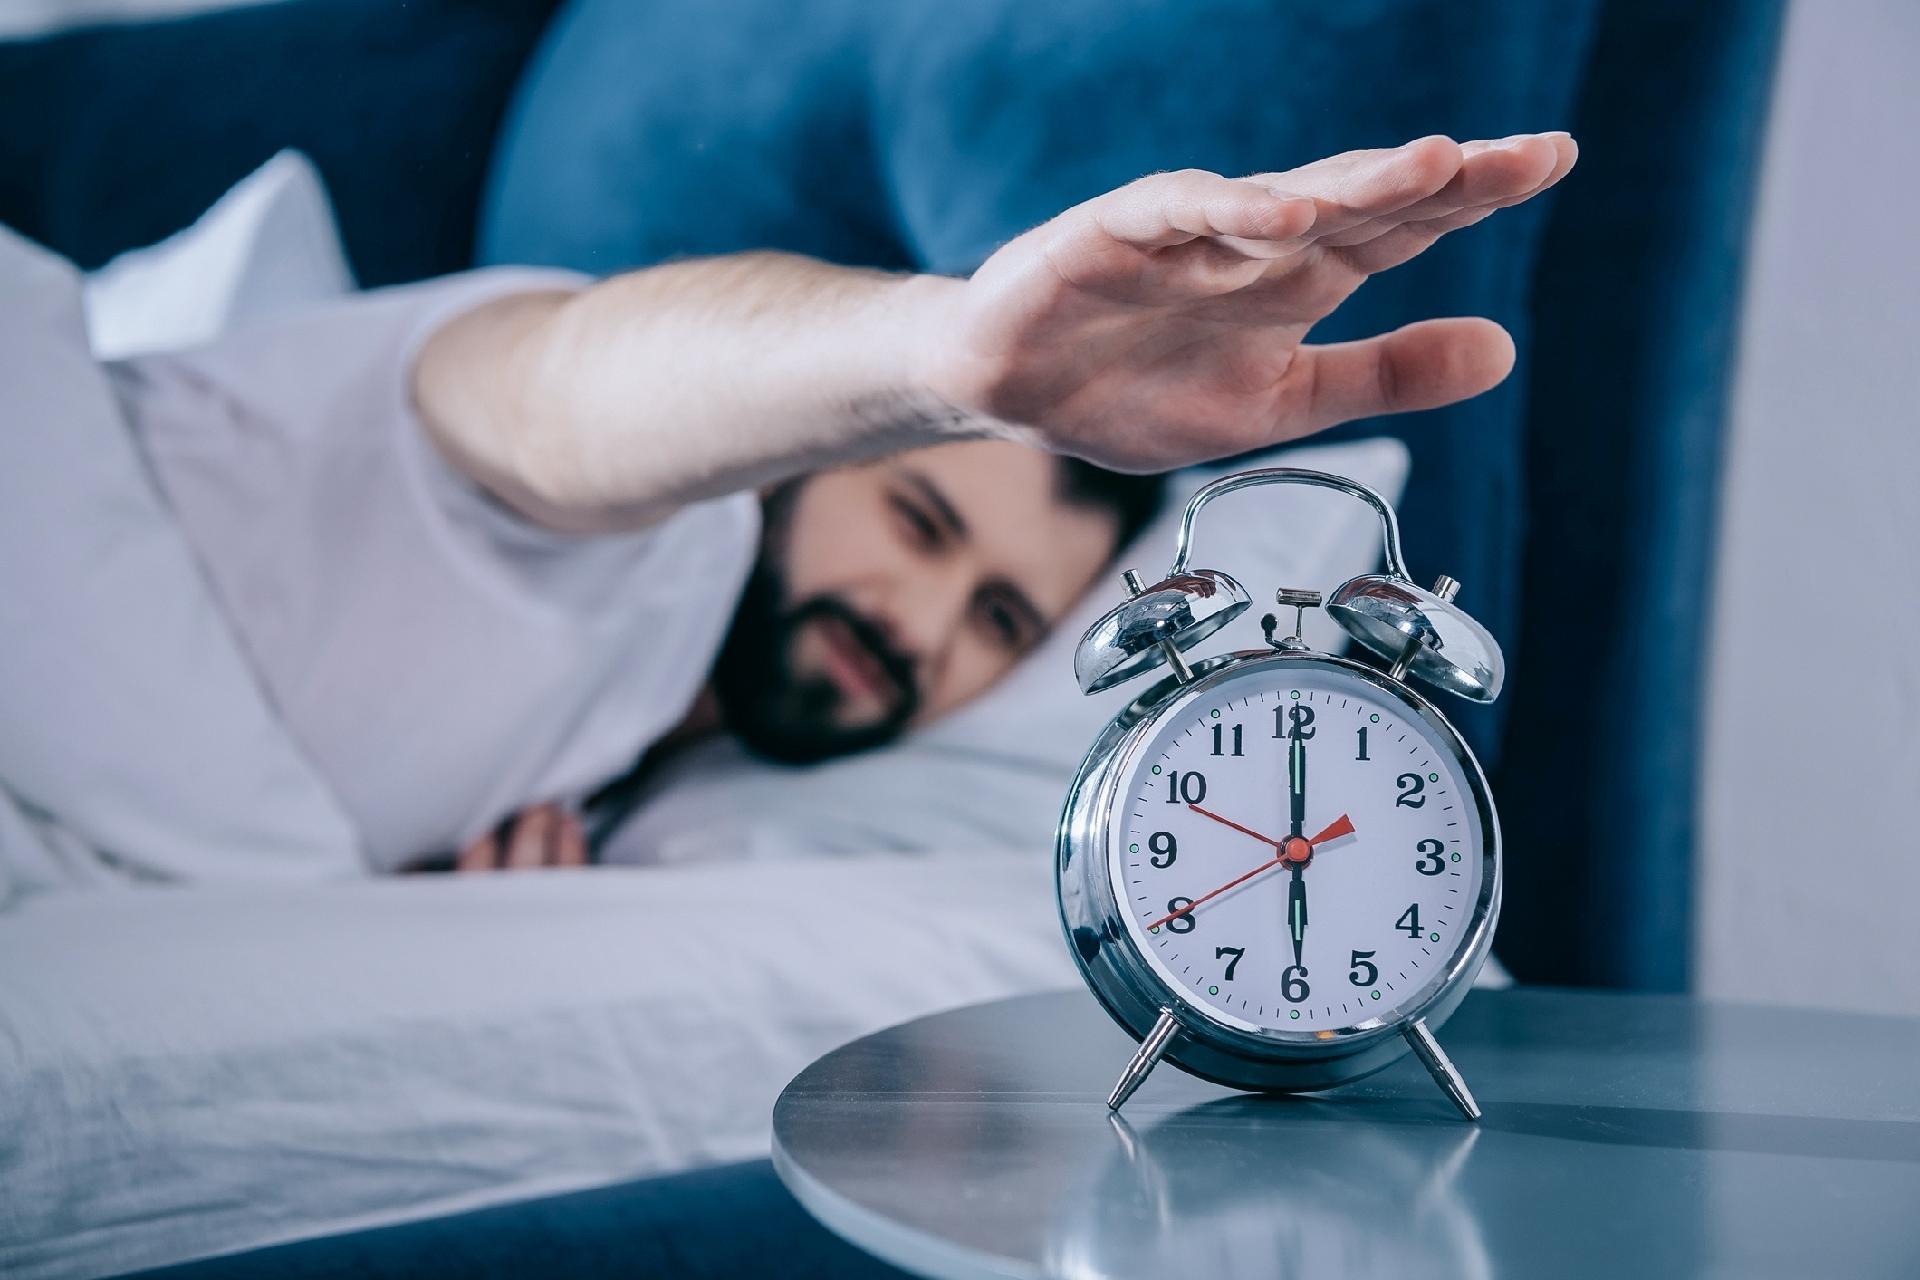 fd68484db63 12 pontos para entender como o relógio biológico afeta a sua vida - 28 10 2018  - UOL VivaBem